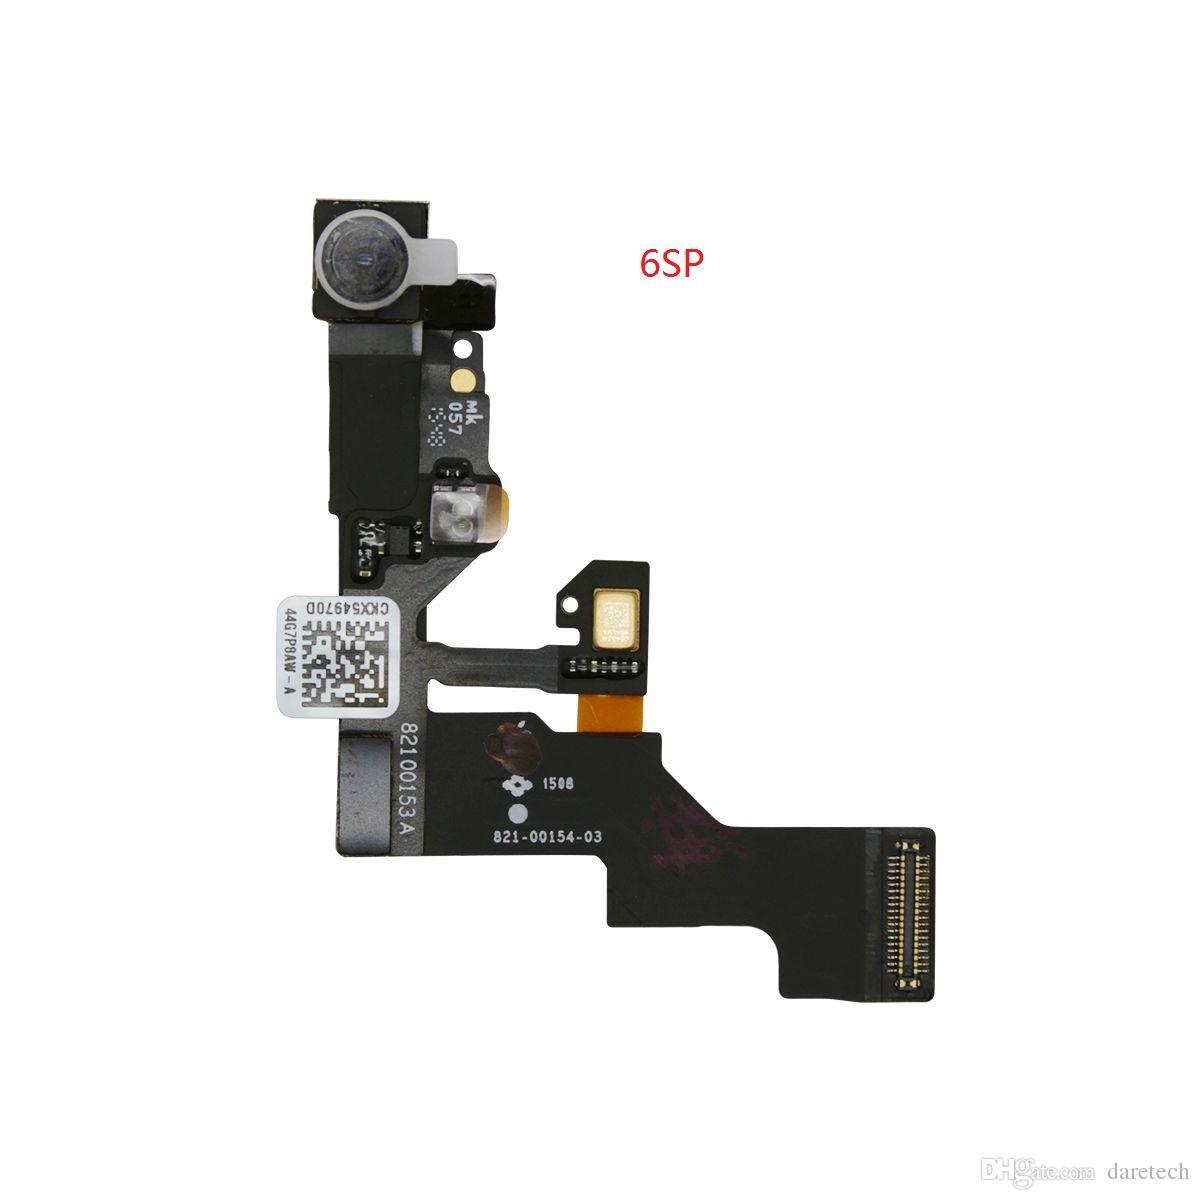 Câble ruban de haute qualité avec capteur de proximité de la caméra frontale pour iPhone 5 5s 5c 6 6S plus 4.7